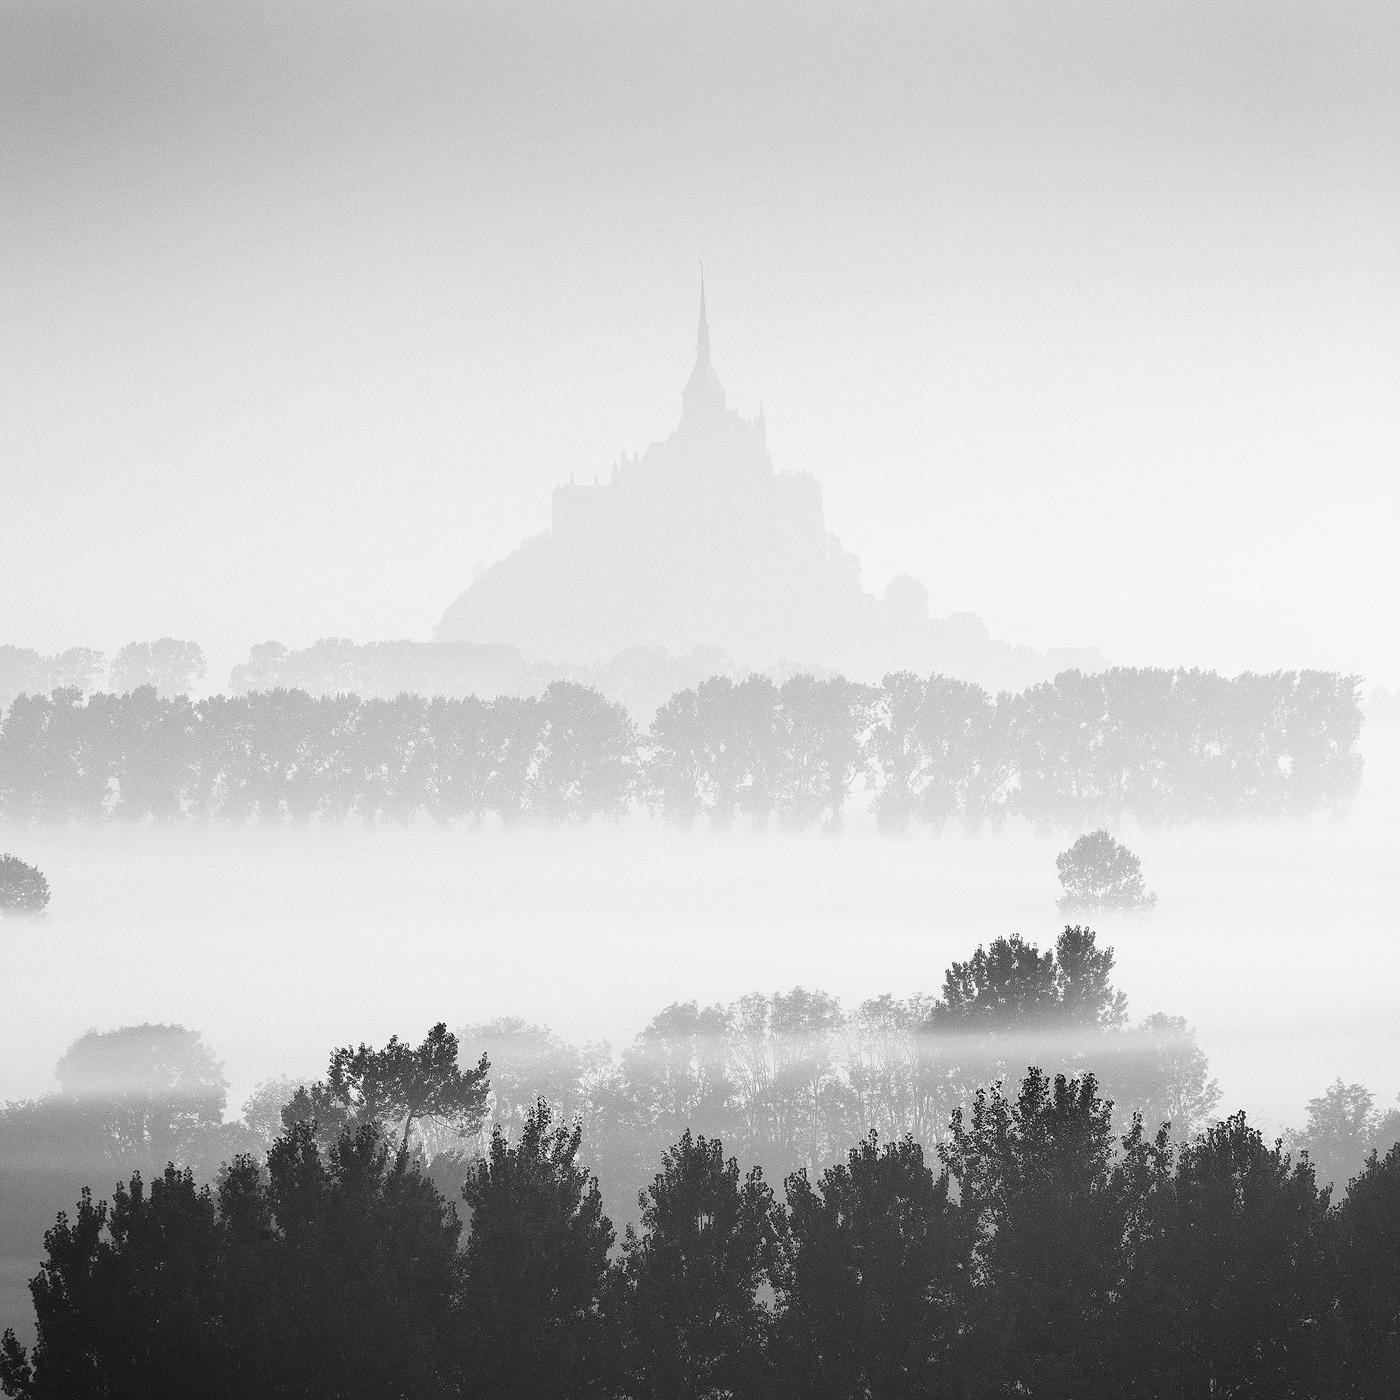 mont-saint-michel-levitation-nicolas-rottiers-photographe-paysage-caen-normandie